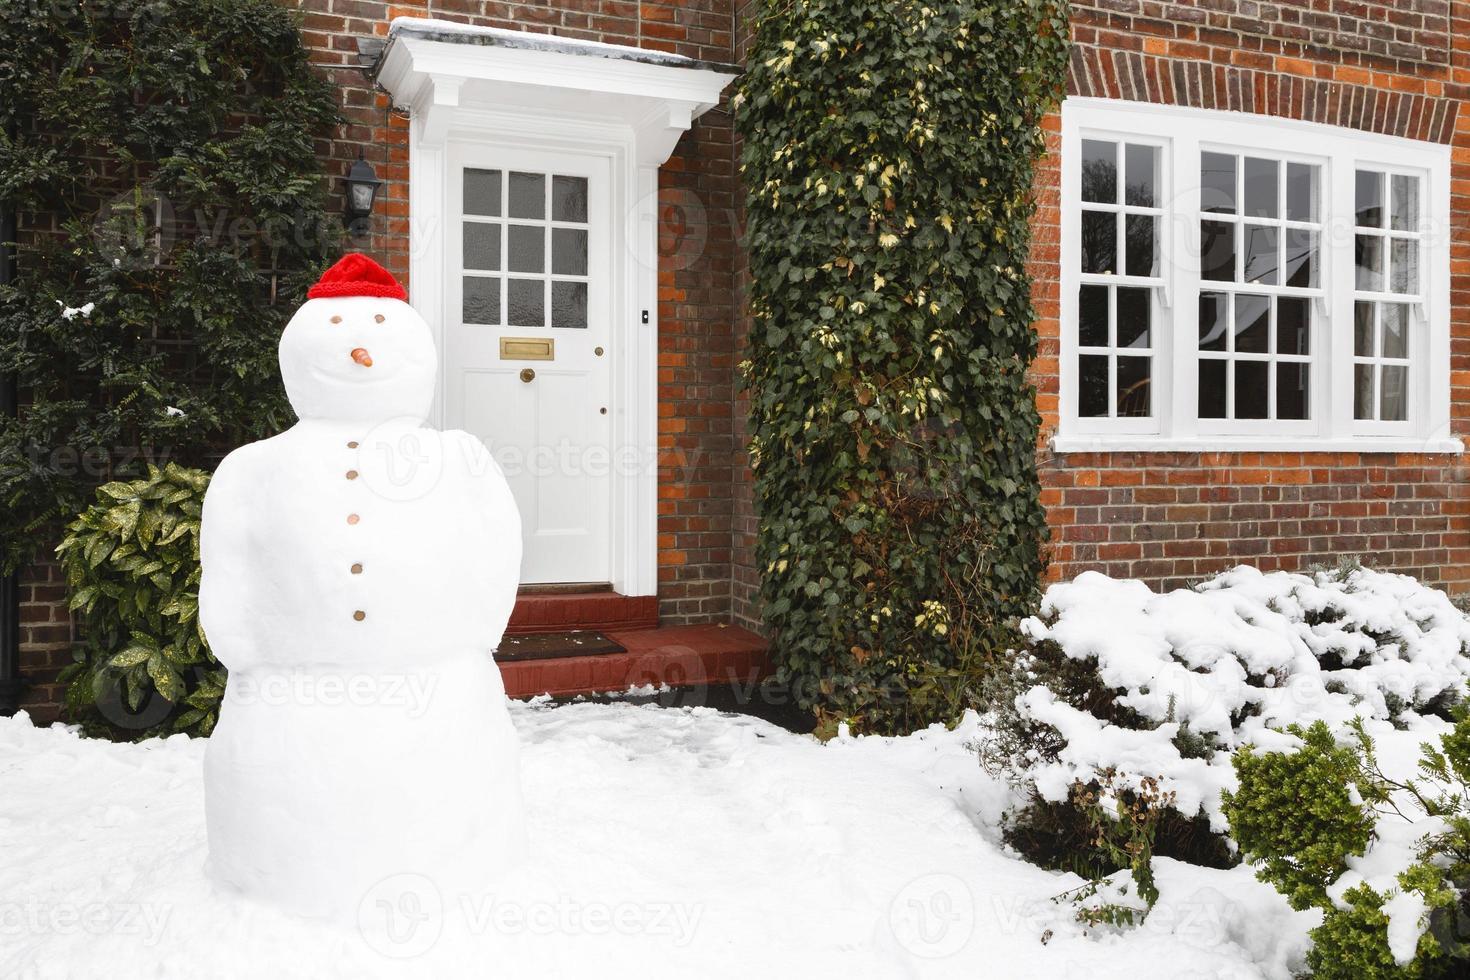 sneeuwpop buiten huis foto